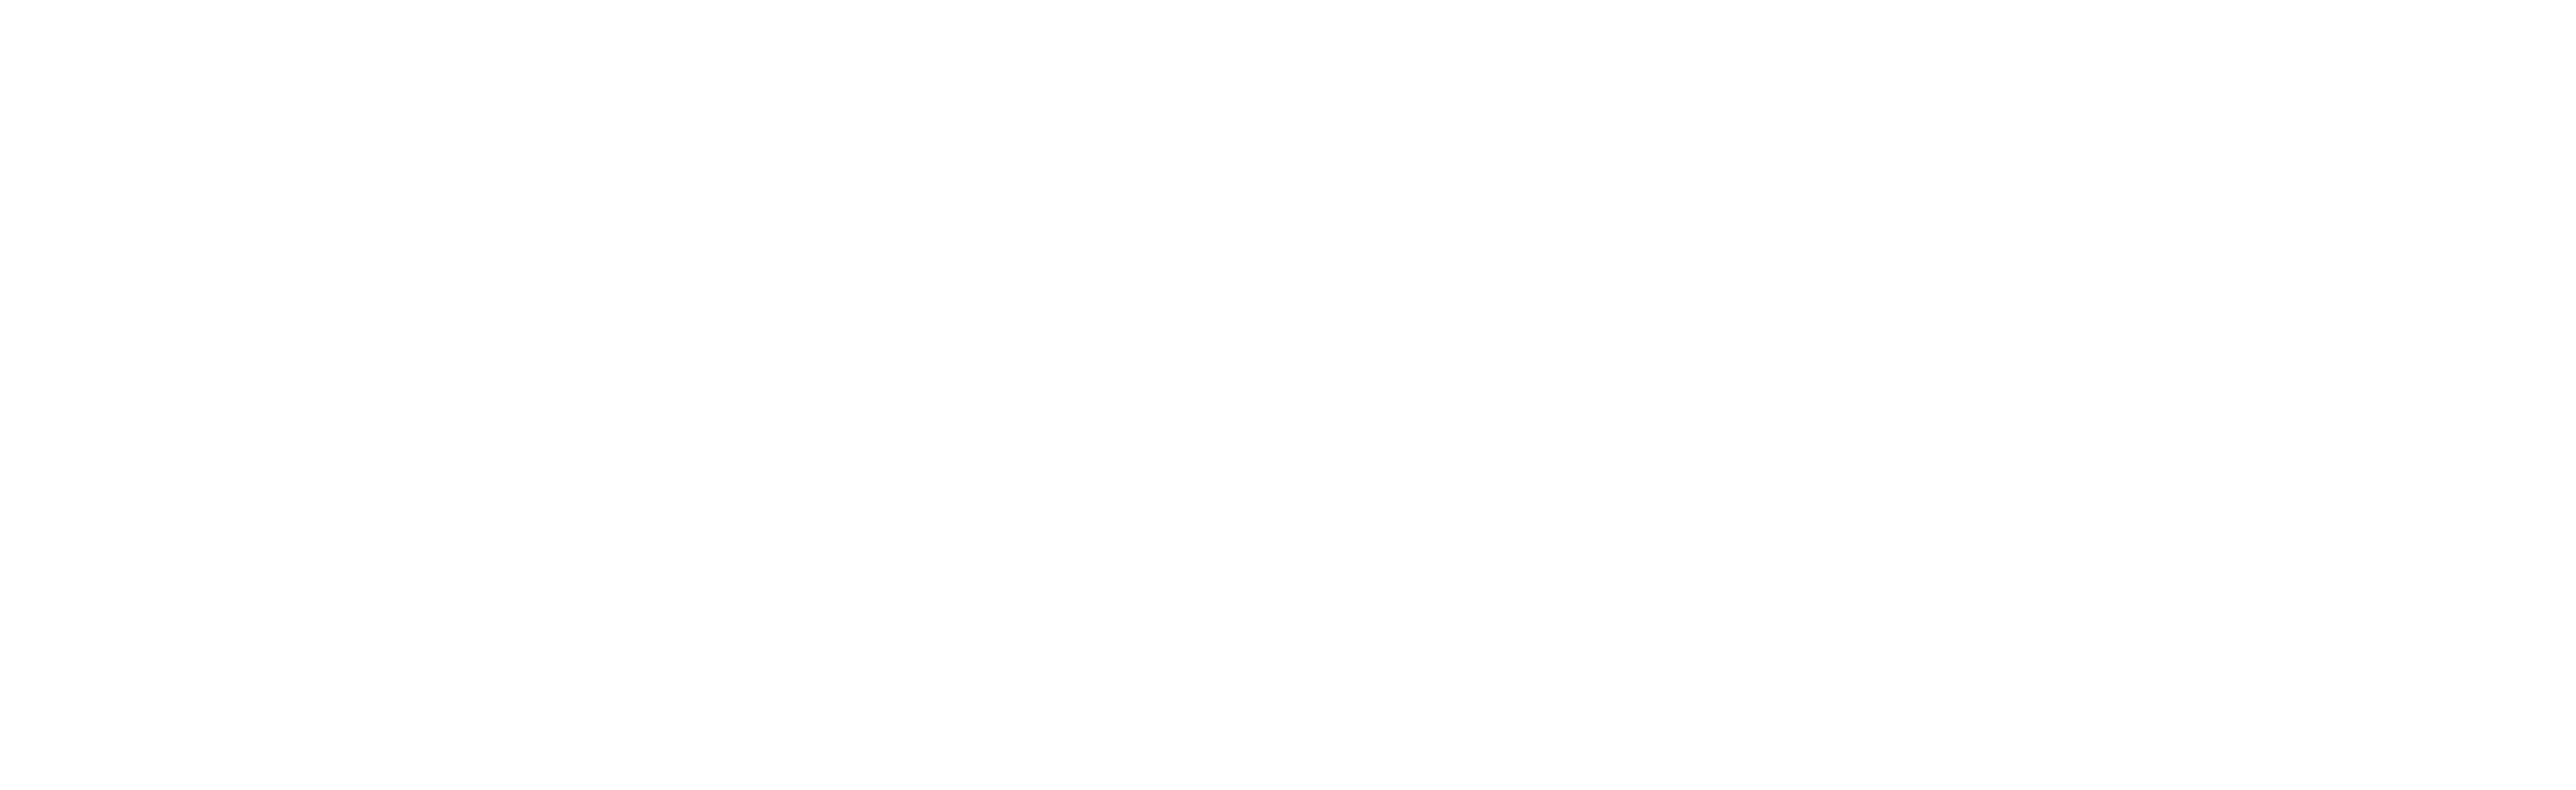 Lieferando.at Partnerblog EN